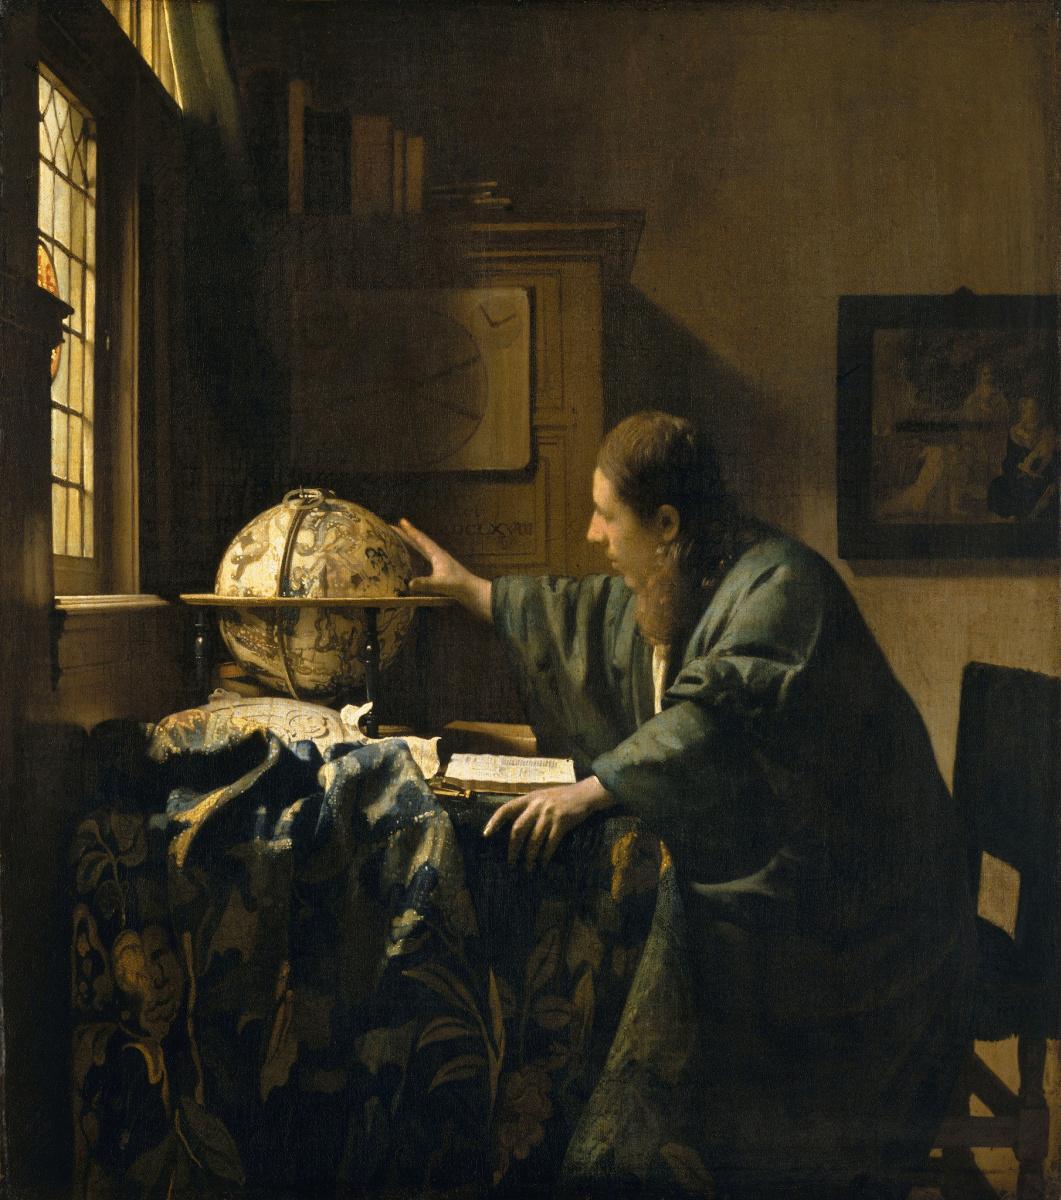 Jan Vermeer. Astronomer